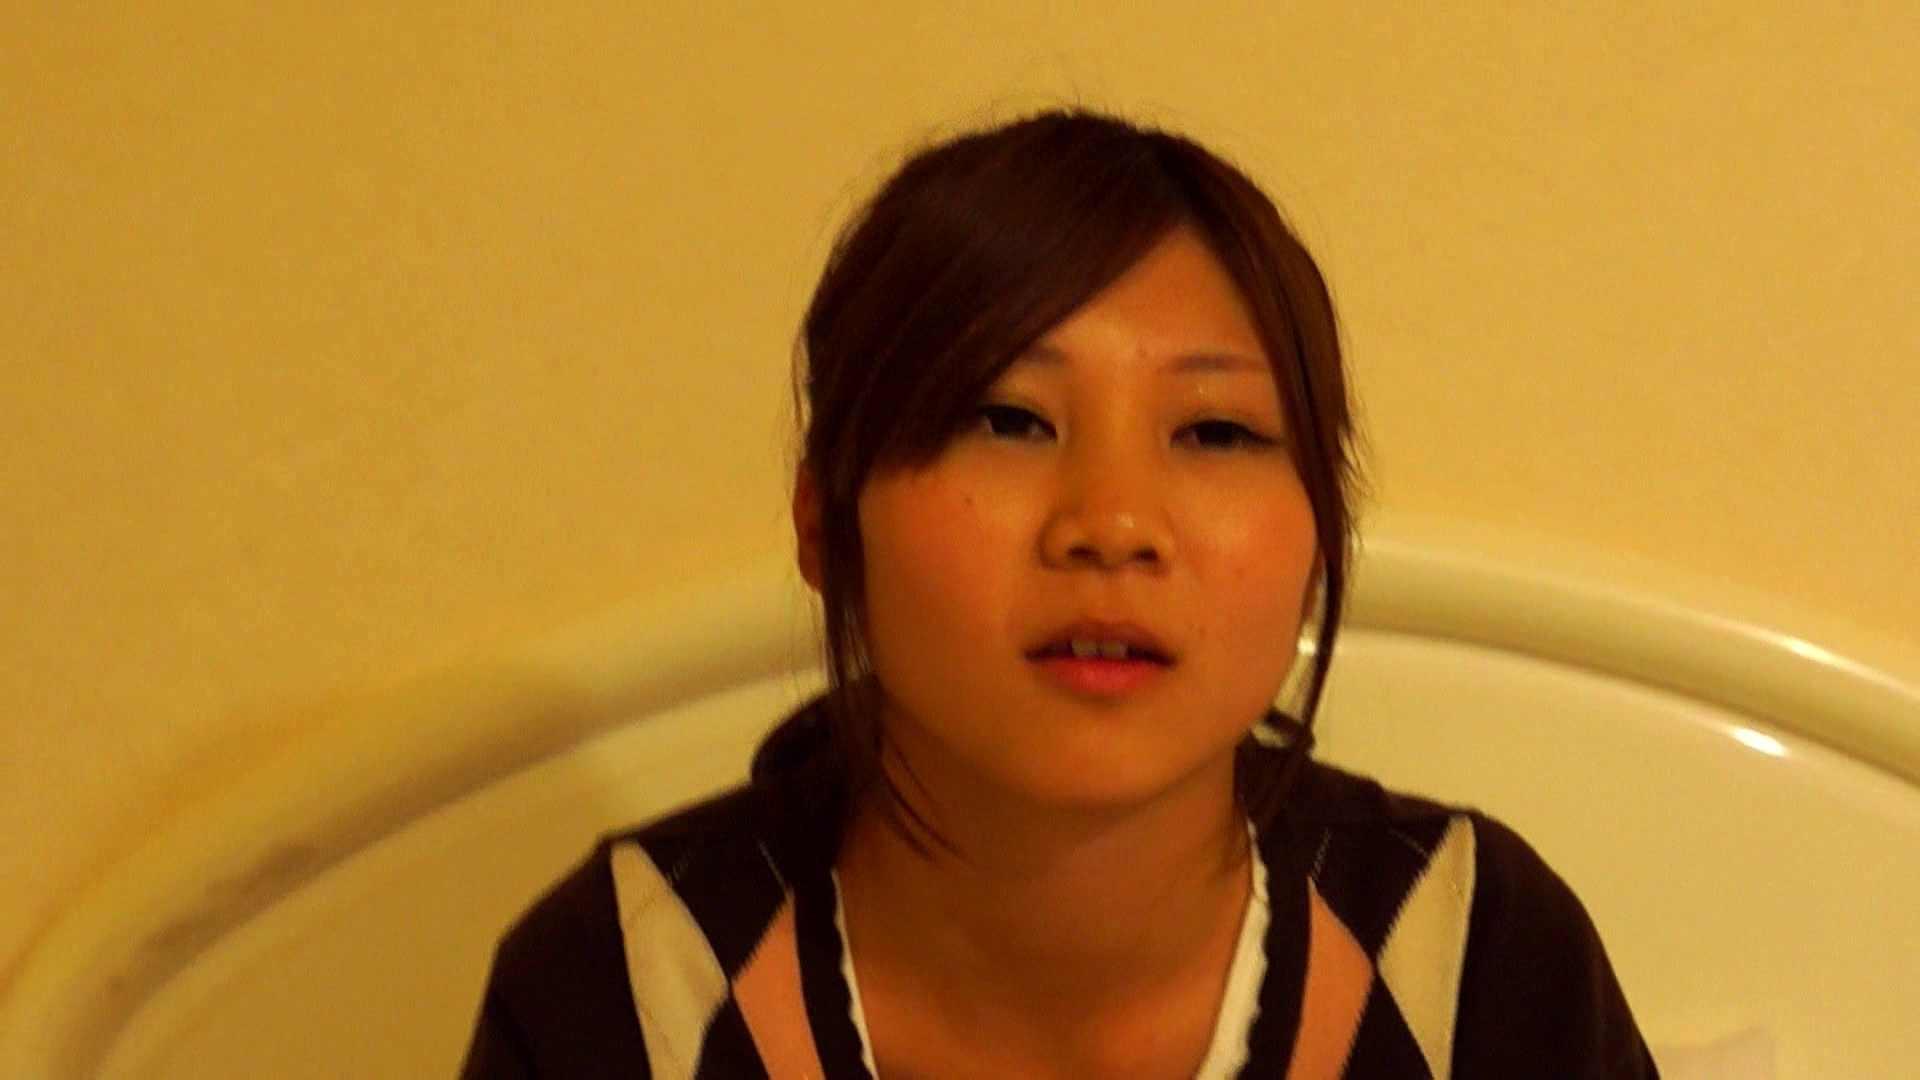 vol.13 瑞希ちゃんにバナナを舐めてもらいました。 色っぽいOL達  76pic 18